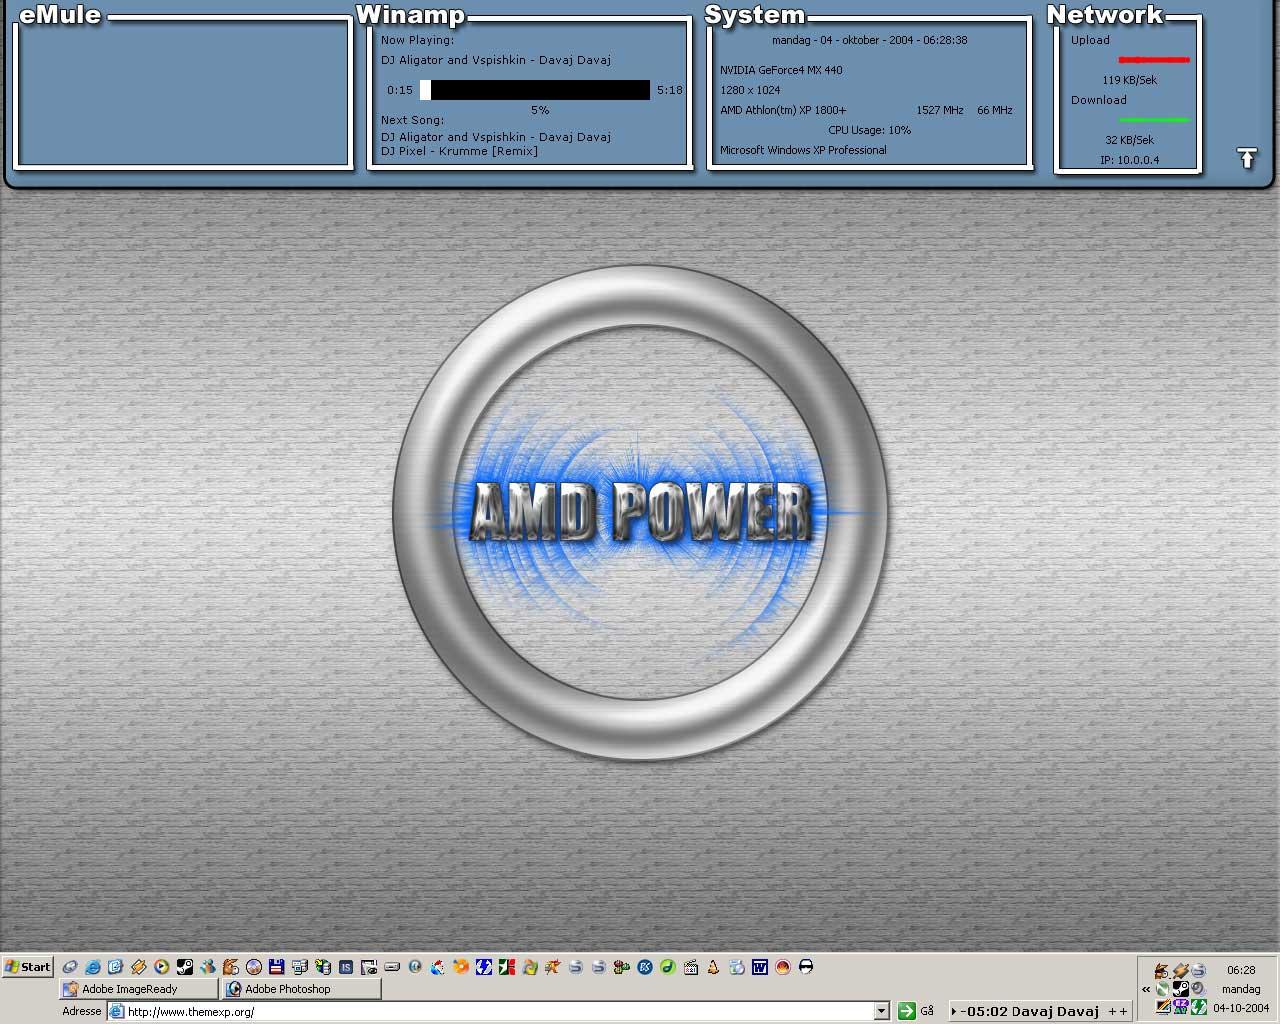 Title: AMD Power....